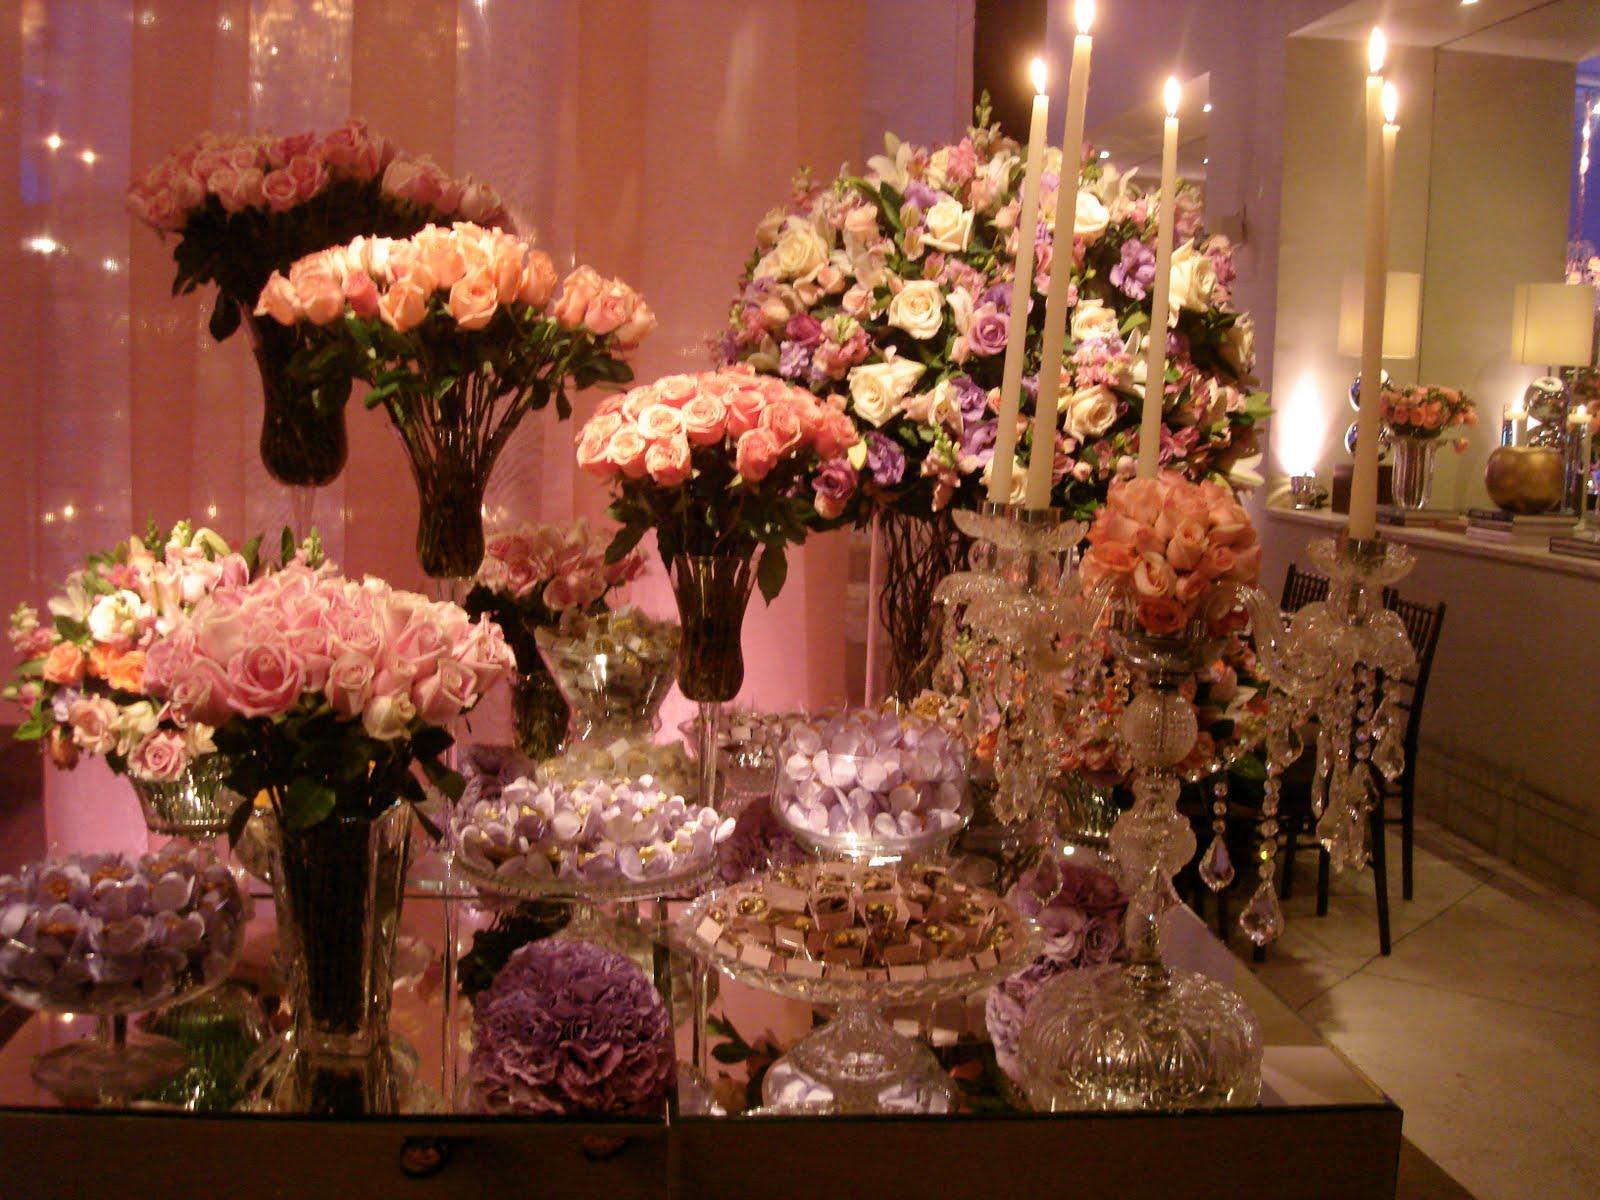 decoracao casamento tons de rosa:rosa a delicadeza dos tons de rosa 16 ...